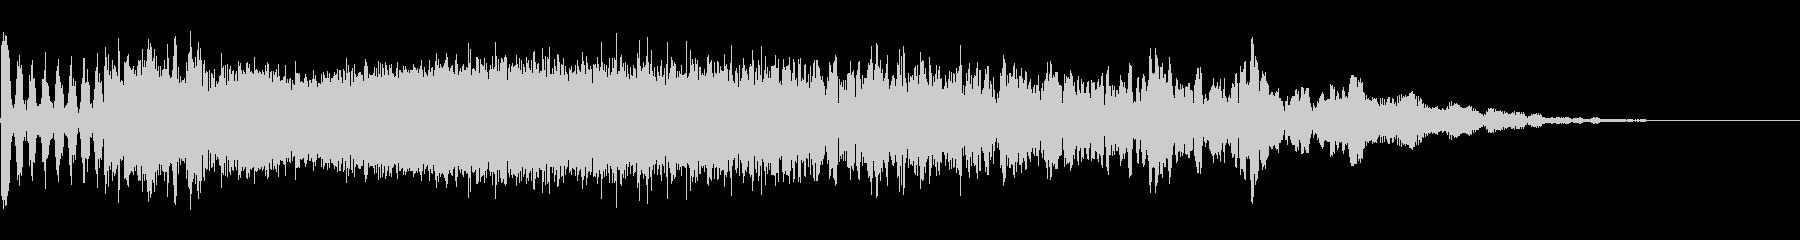 ジングル制作に最適な効果音の未再生の波形